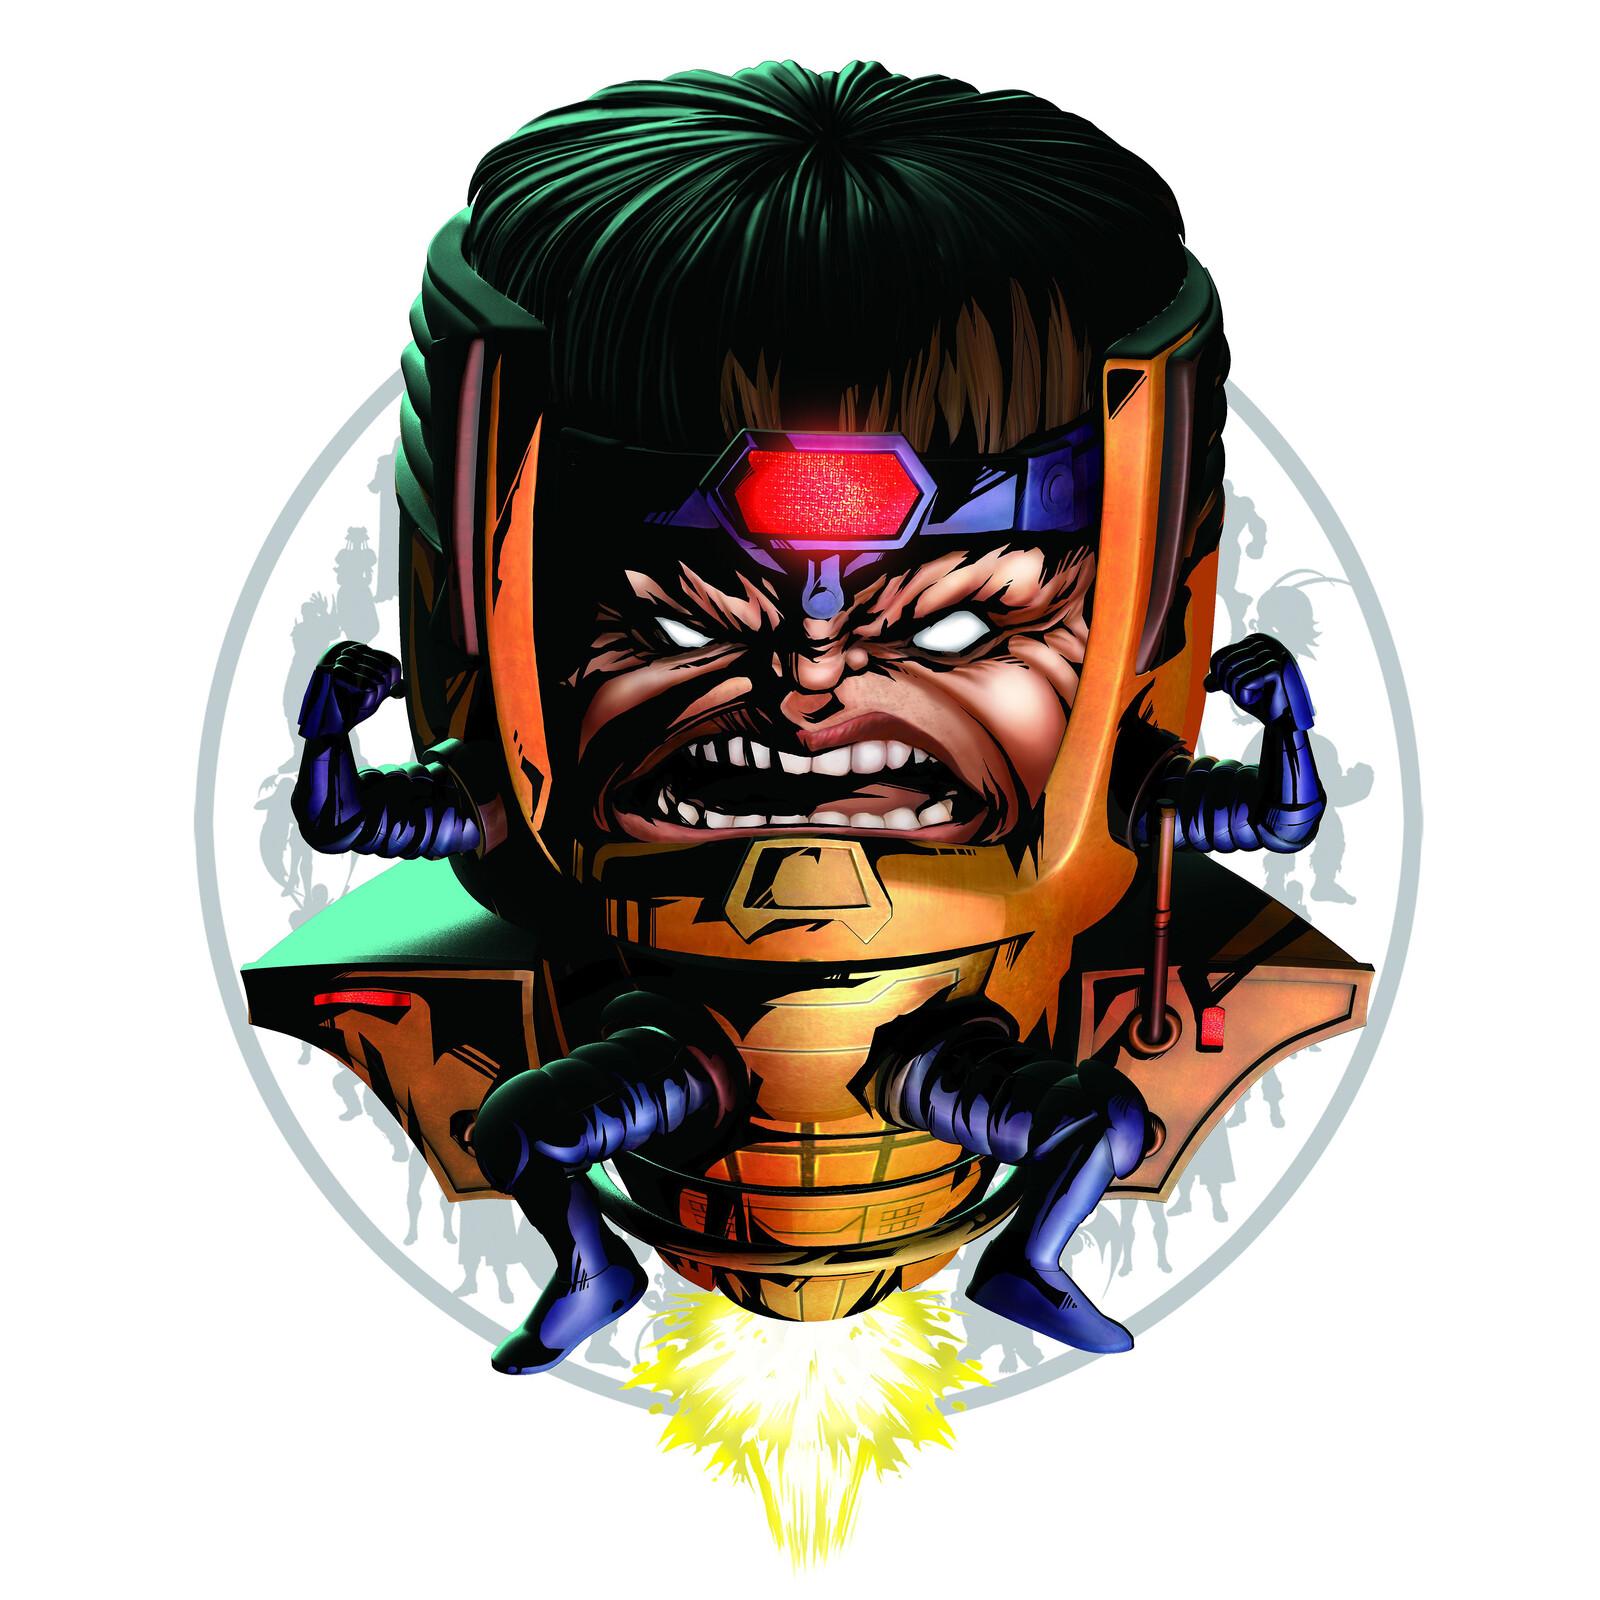 Original Design (Marvel VS Capcom 3)